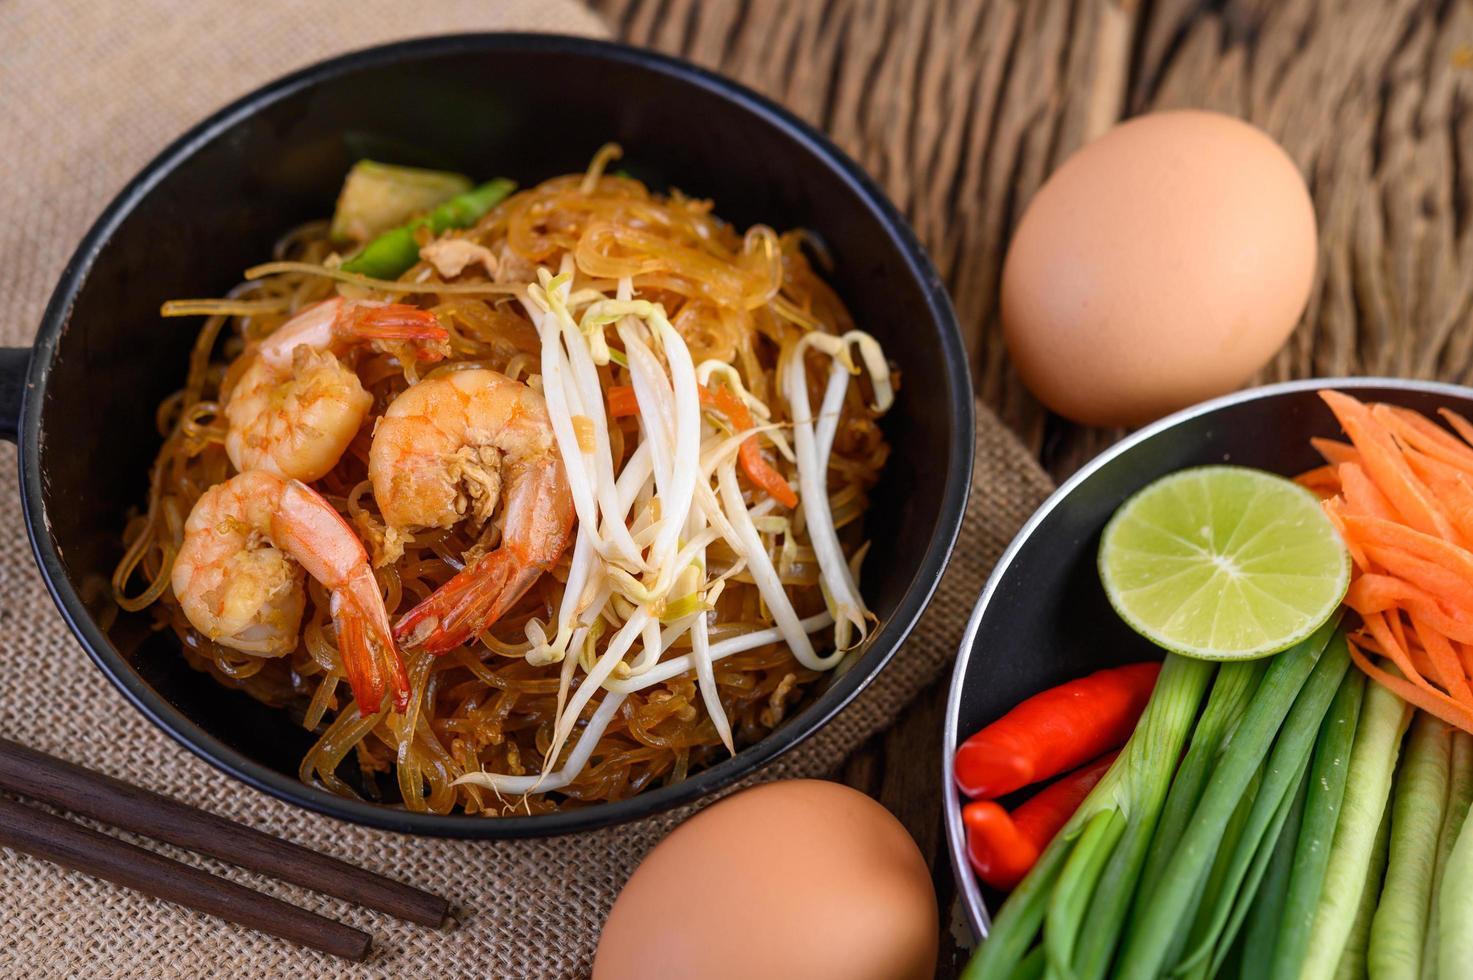 pad thai gamberetti in una padella nera con uova e condimento foto